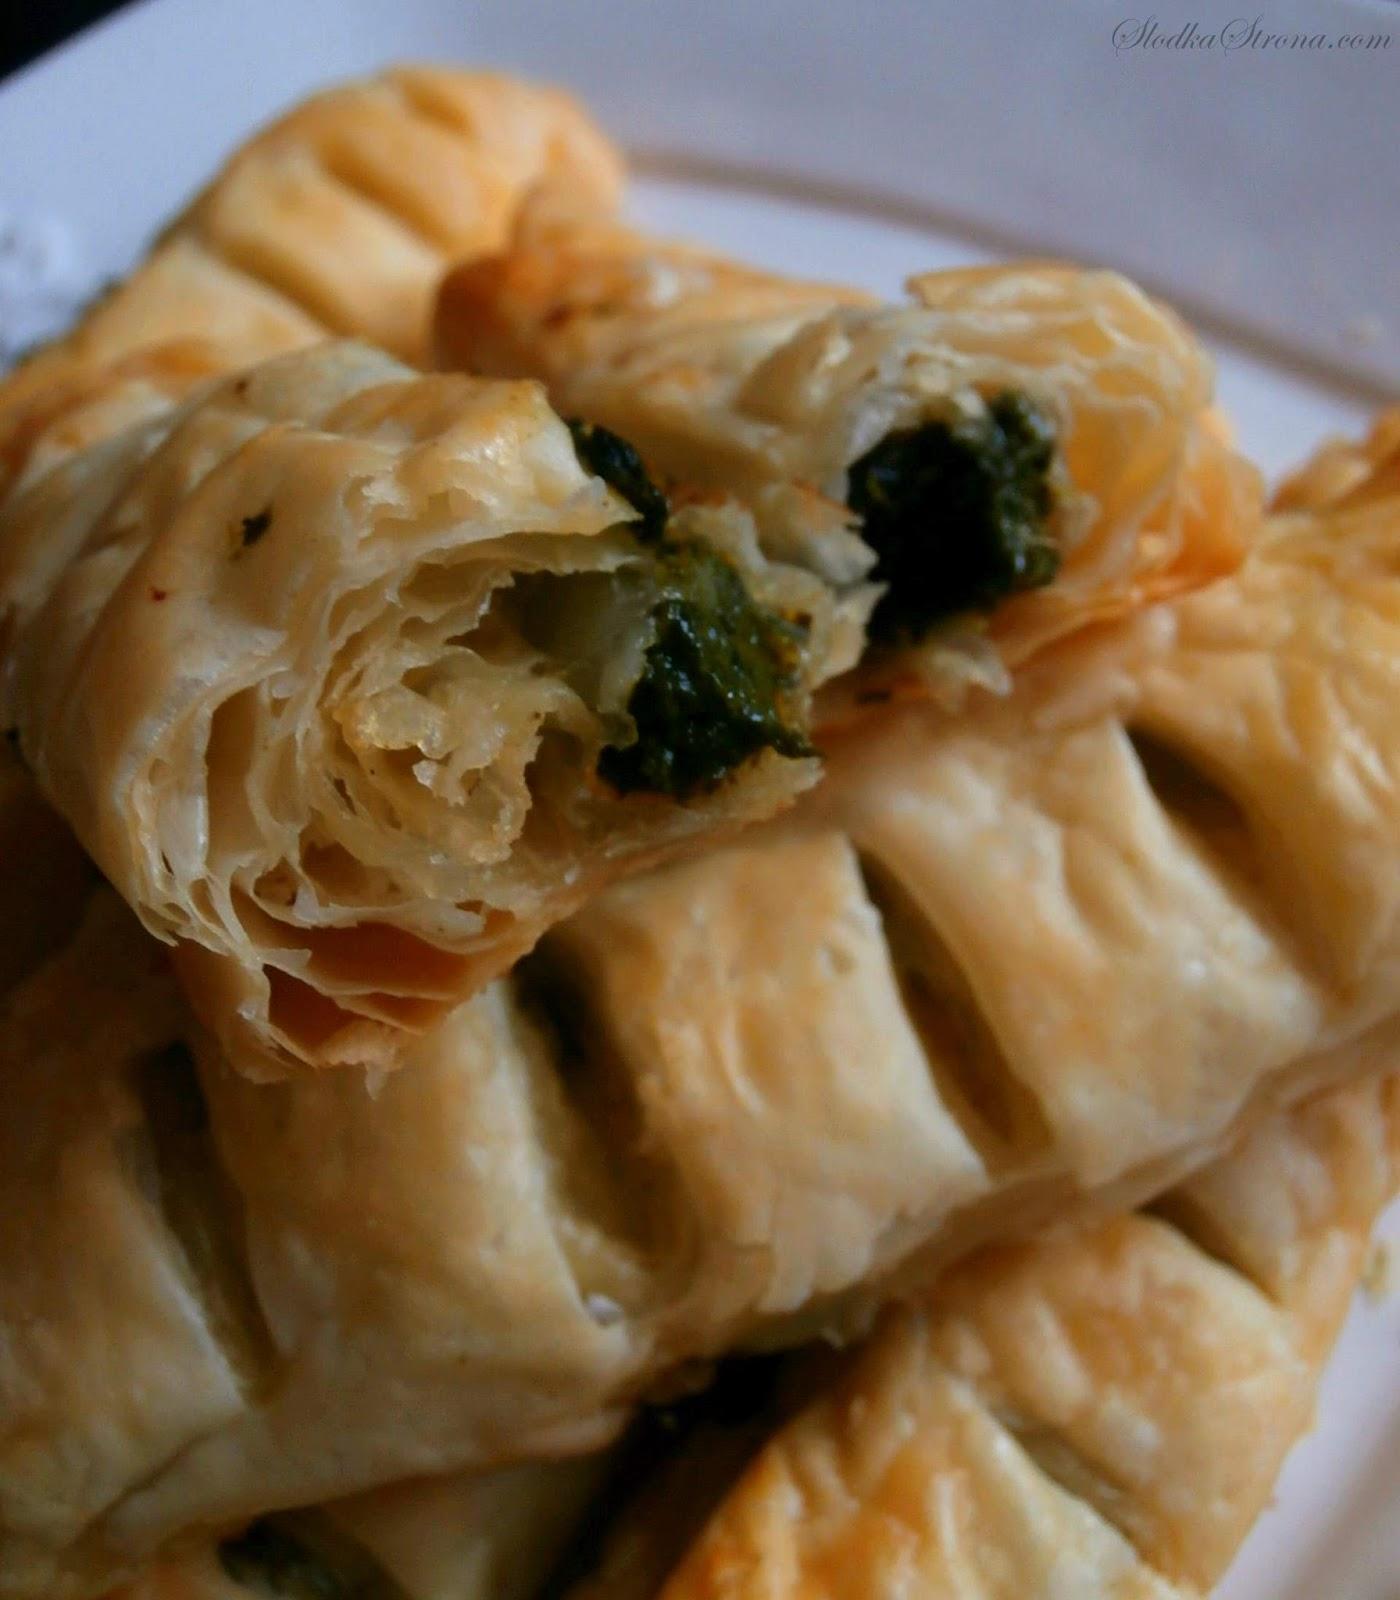 Ciastka/Paszteciki z Ciasta Francuskiego ze Szpinakiem i Żółtym Serem - Przepis - Słodka Strona